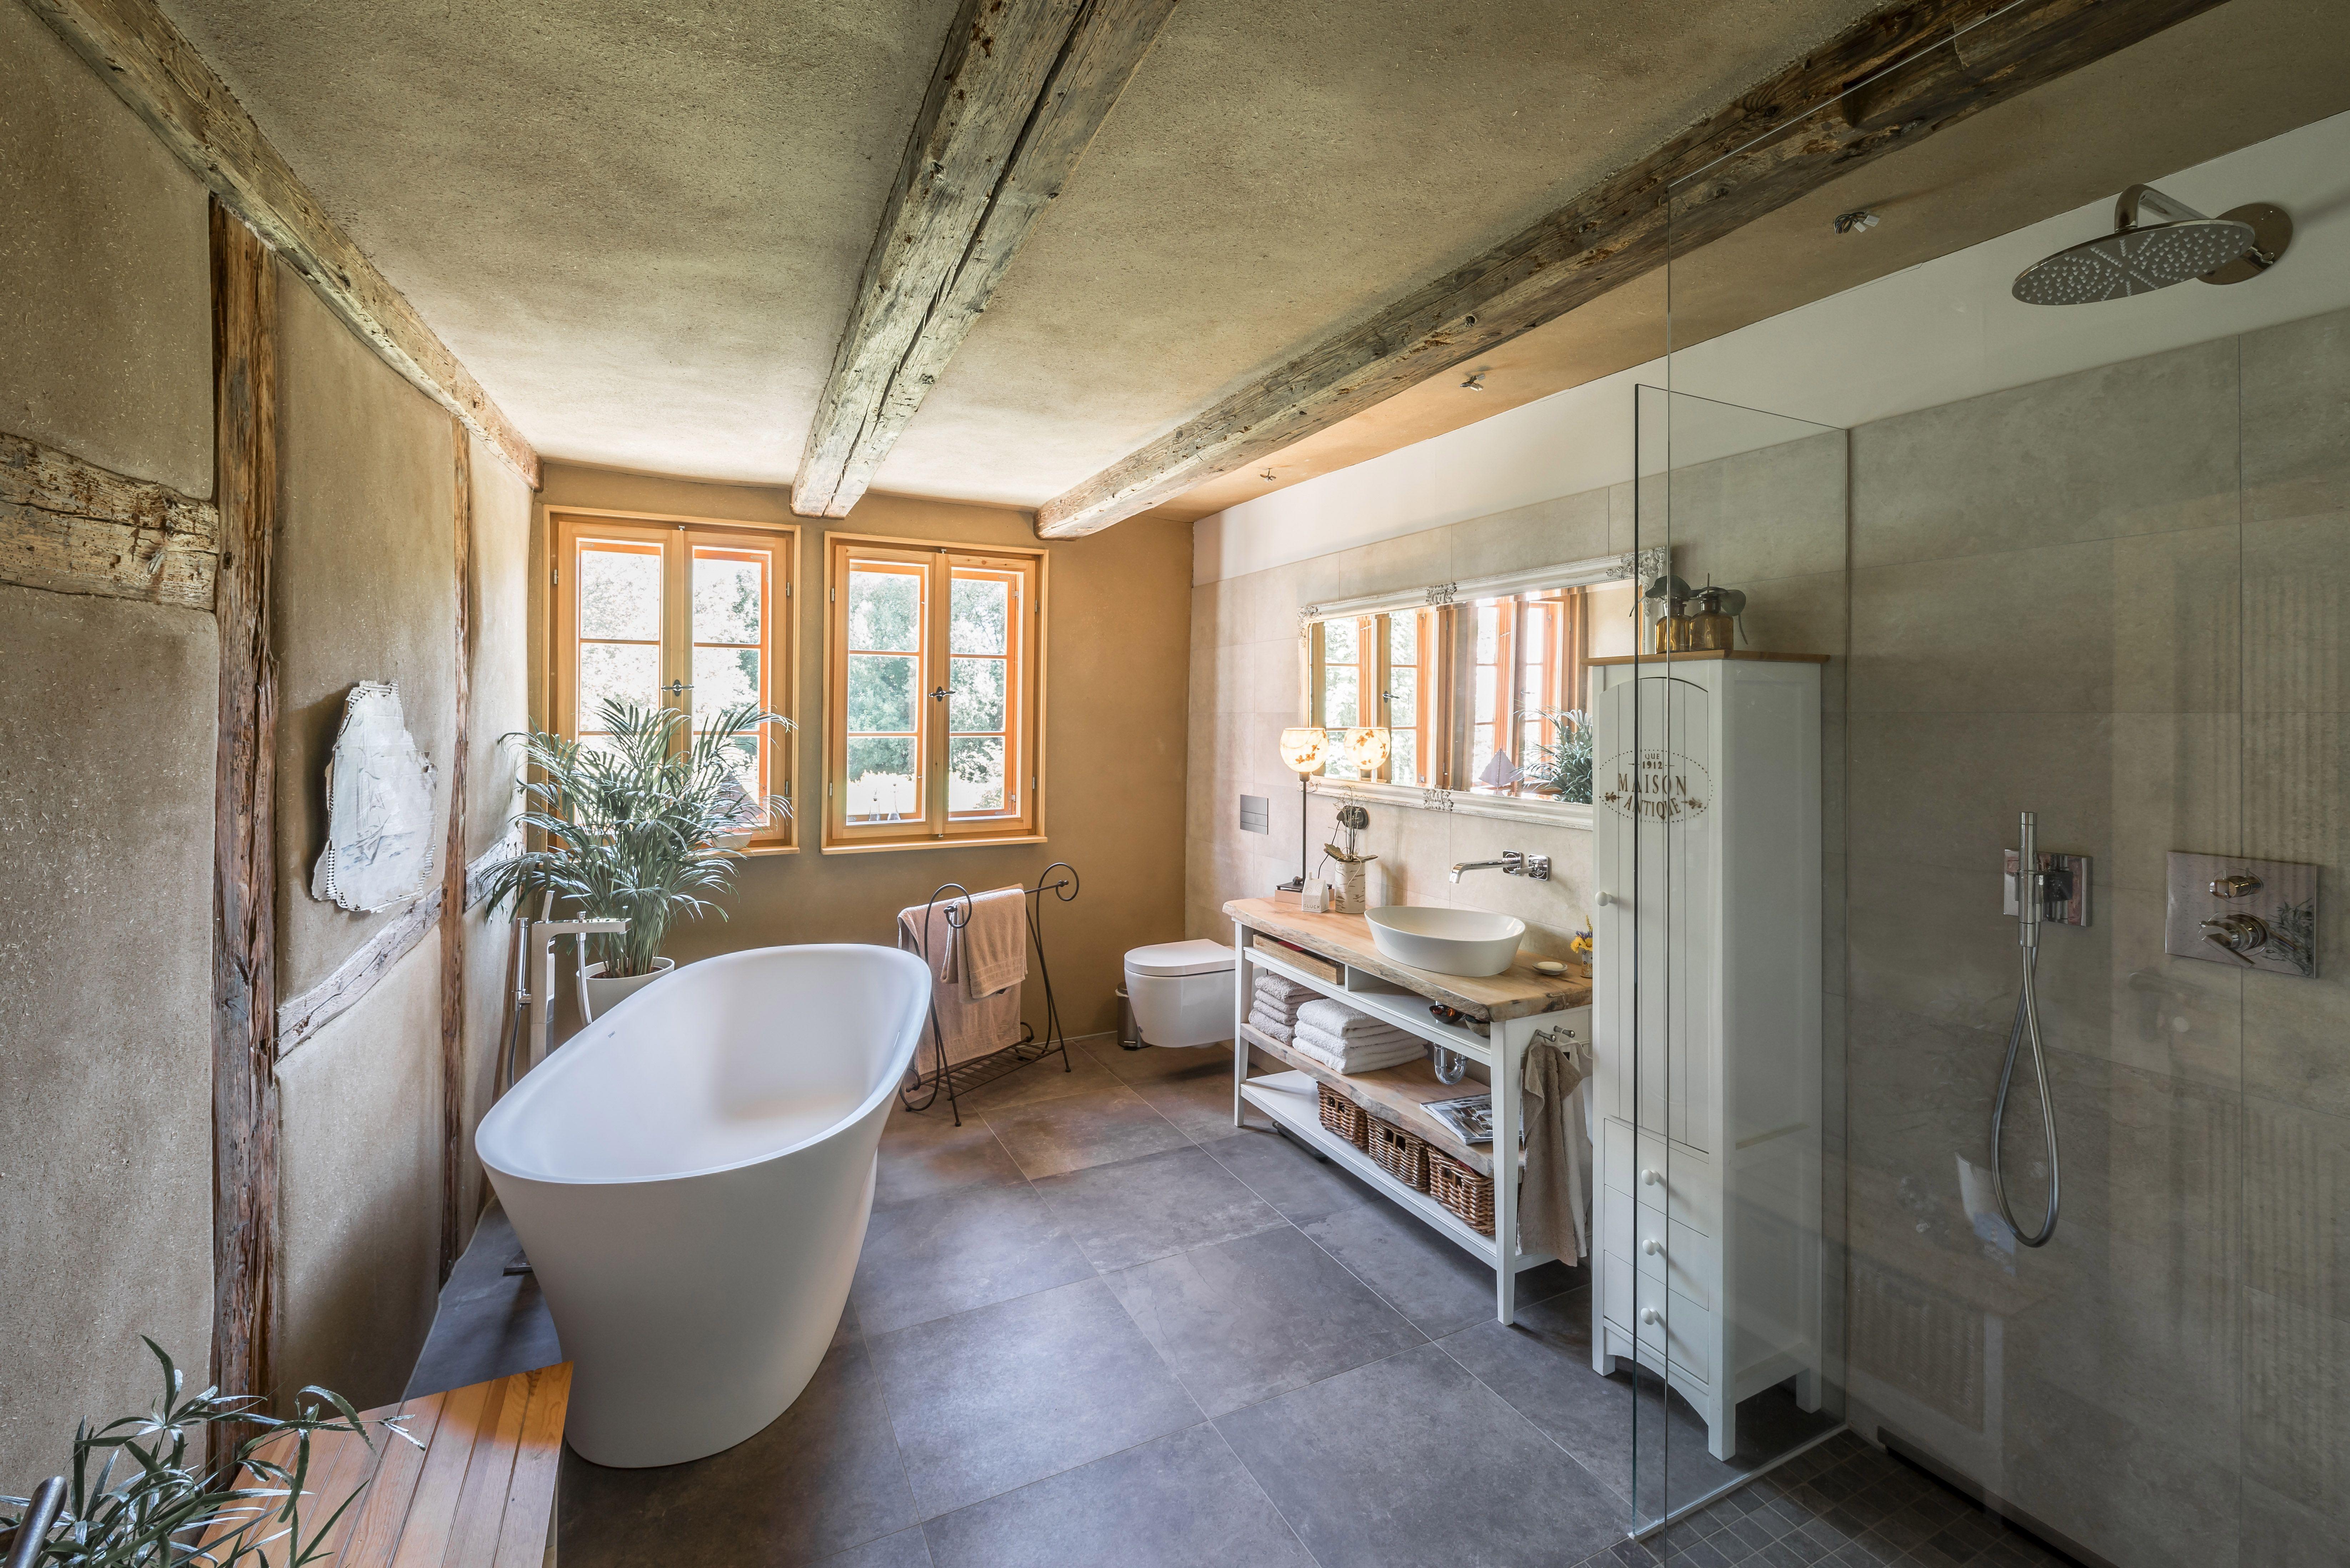 Kein Problem im alten Gebälk: ein modernes Badezimmer mit